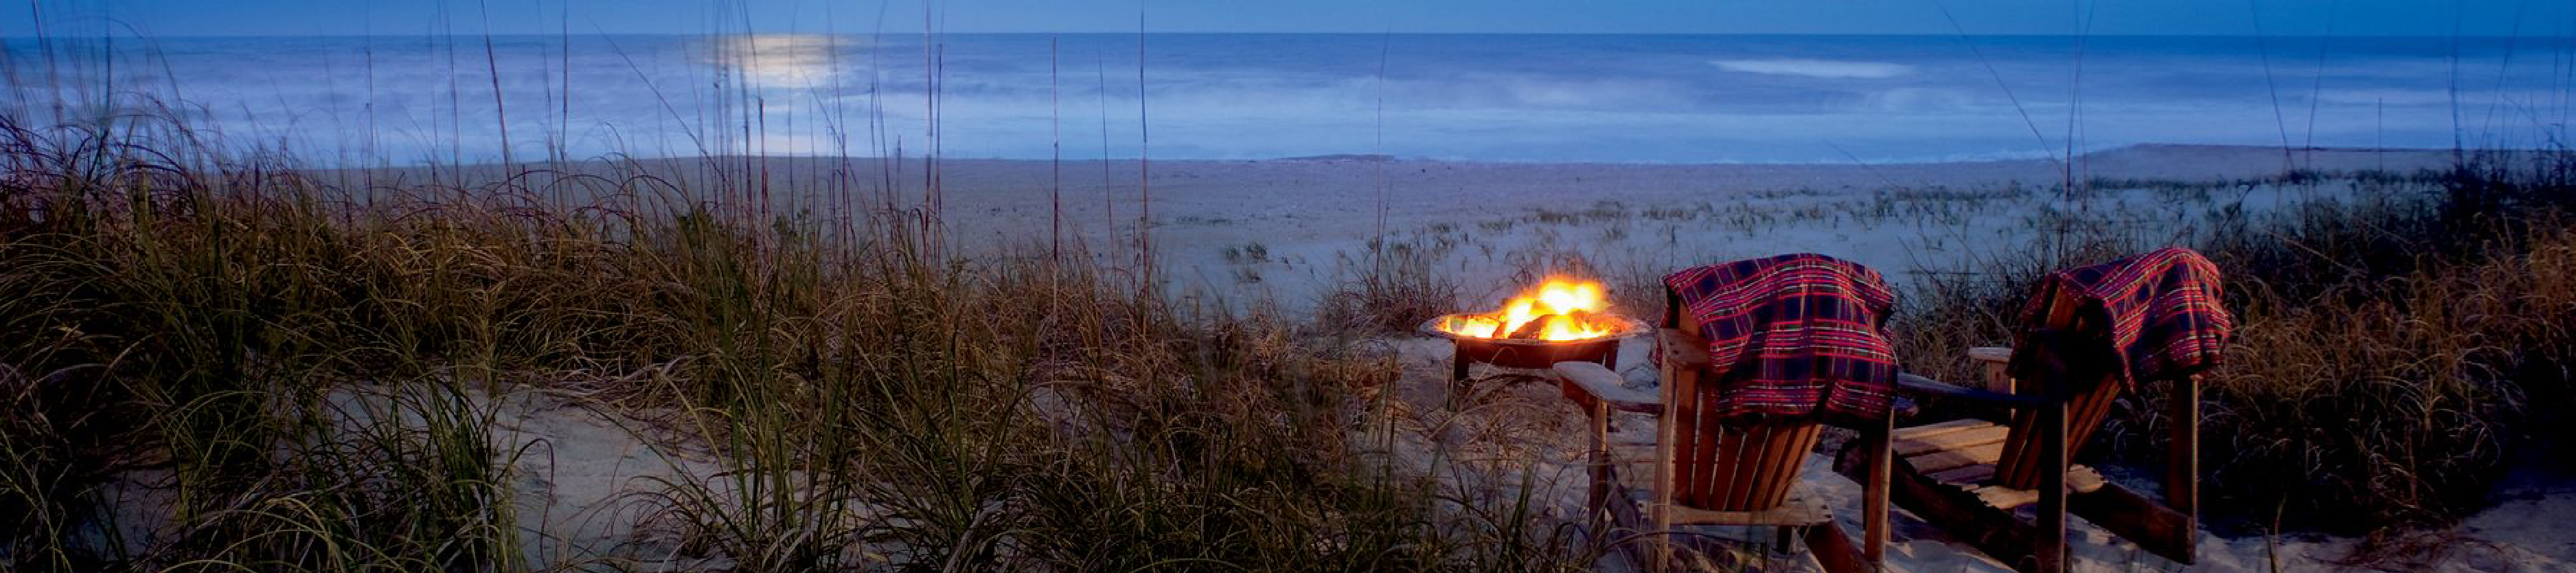 BlogPhotos-RitzCarlton - AmeliaIsland